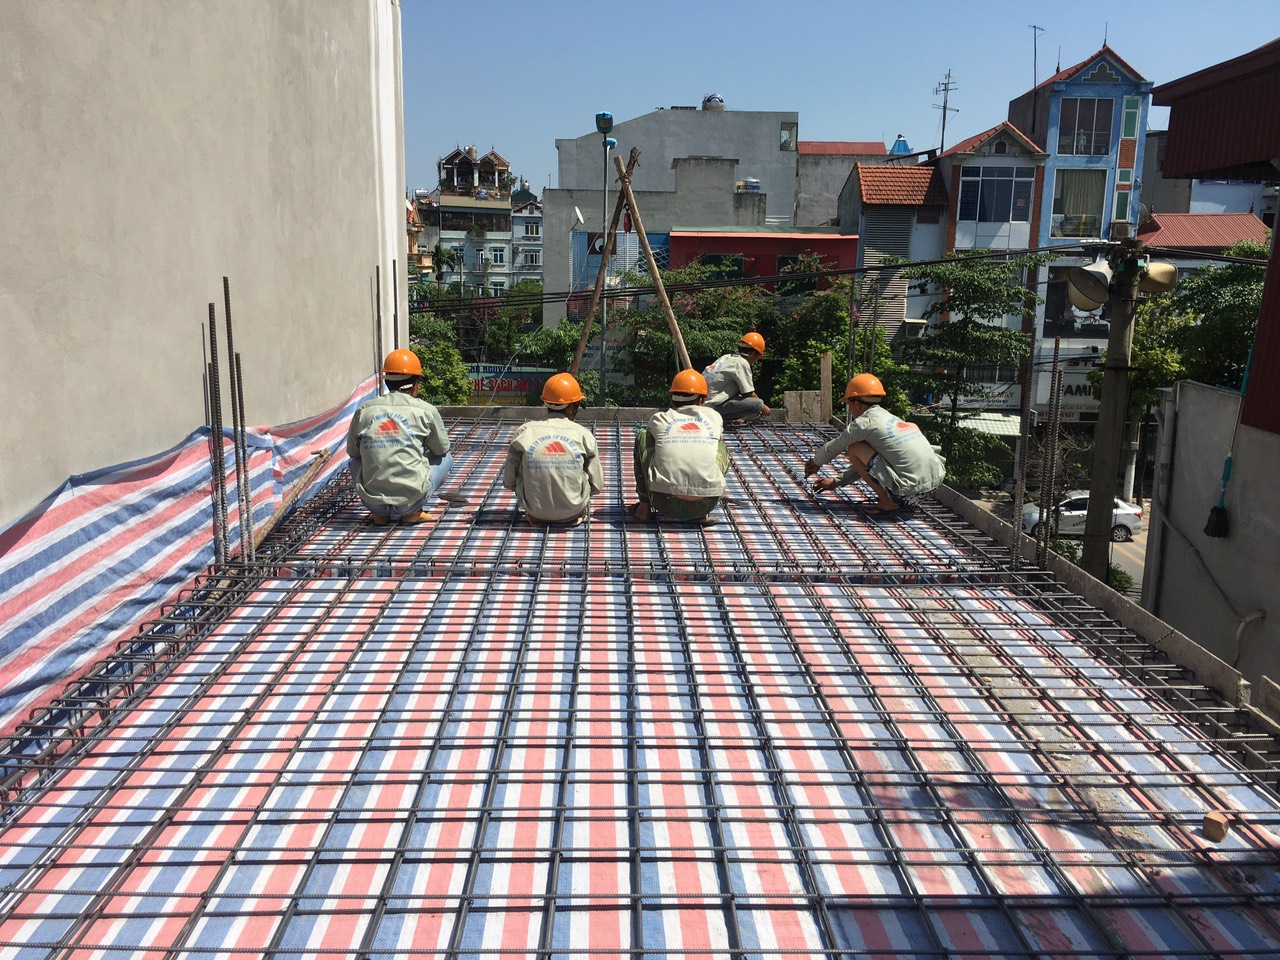 báo giá xây nhà trọn gói quận Cầu Giấy, Hà Nội 5